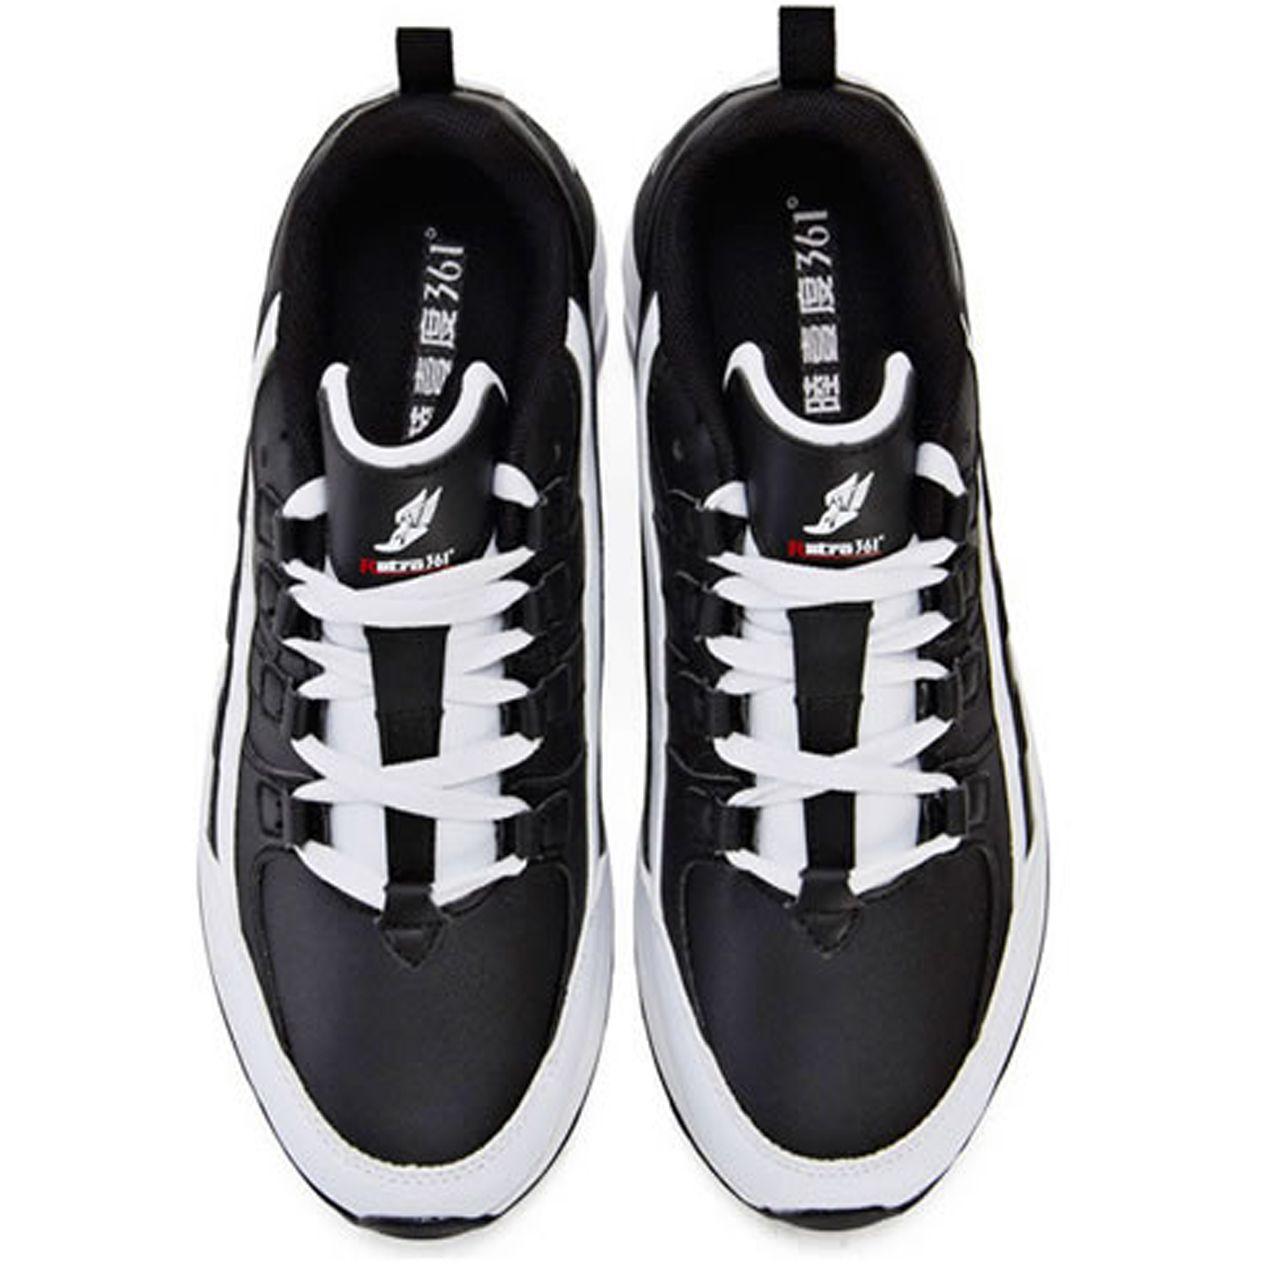 کفش مخصوص دویدن زنانه 361 درجه کد 581842257 -  - 1